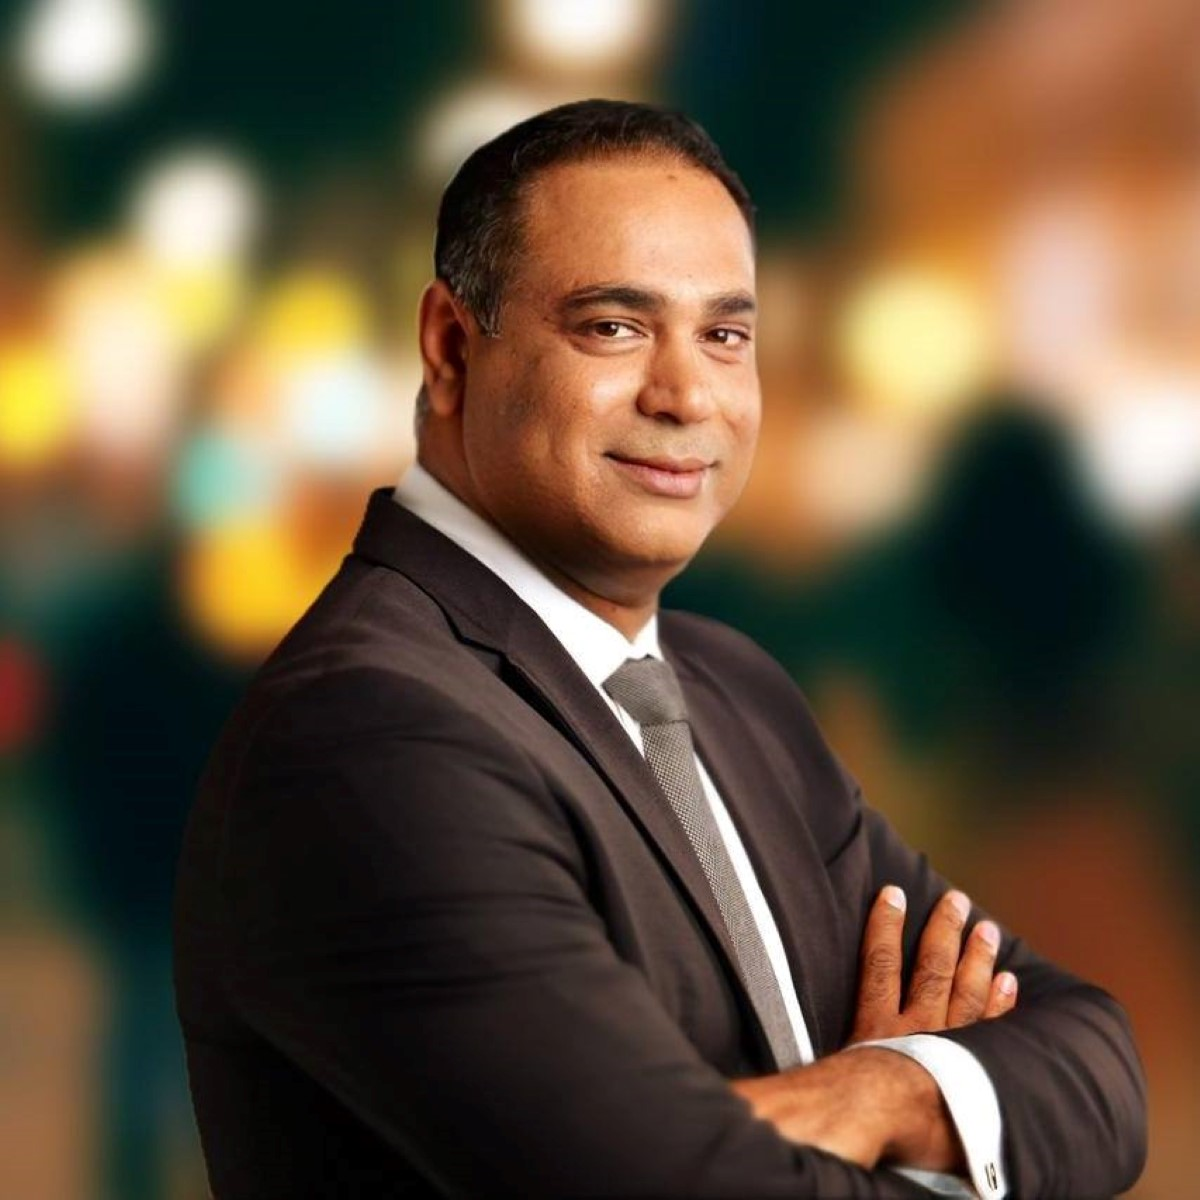 Vikash Peerun, fils de l'ex patron du NSS nommé à la présidence de la National Insurance Company Ltd